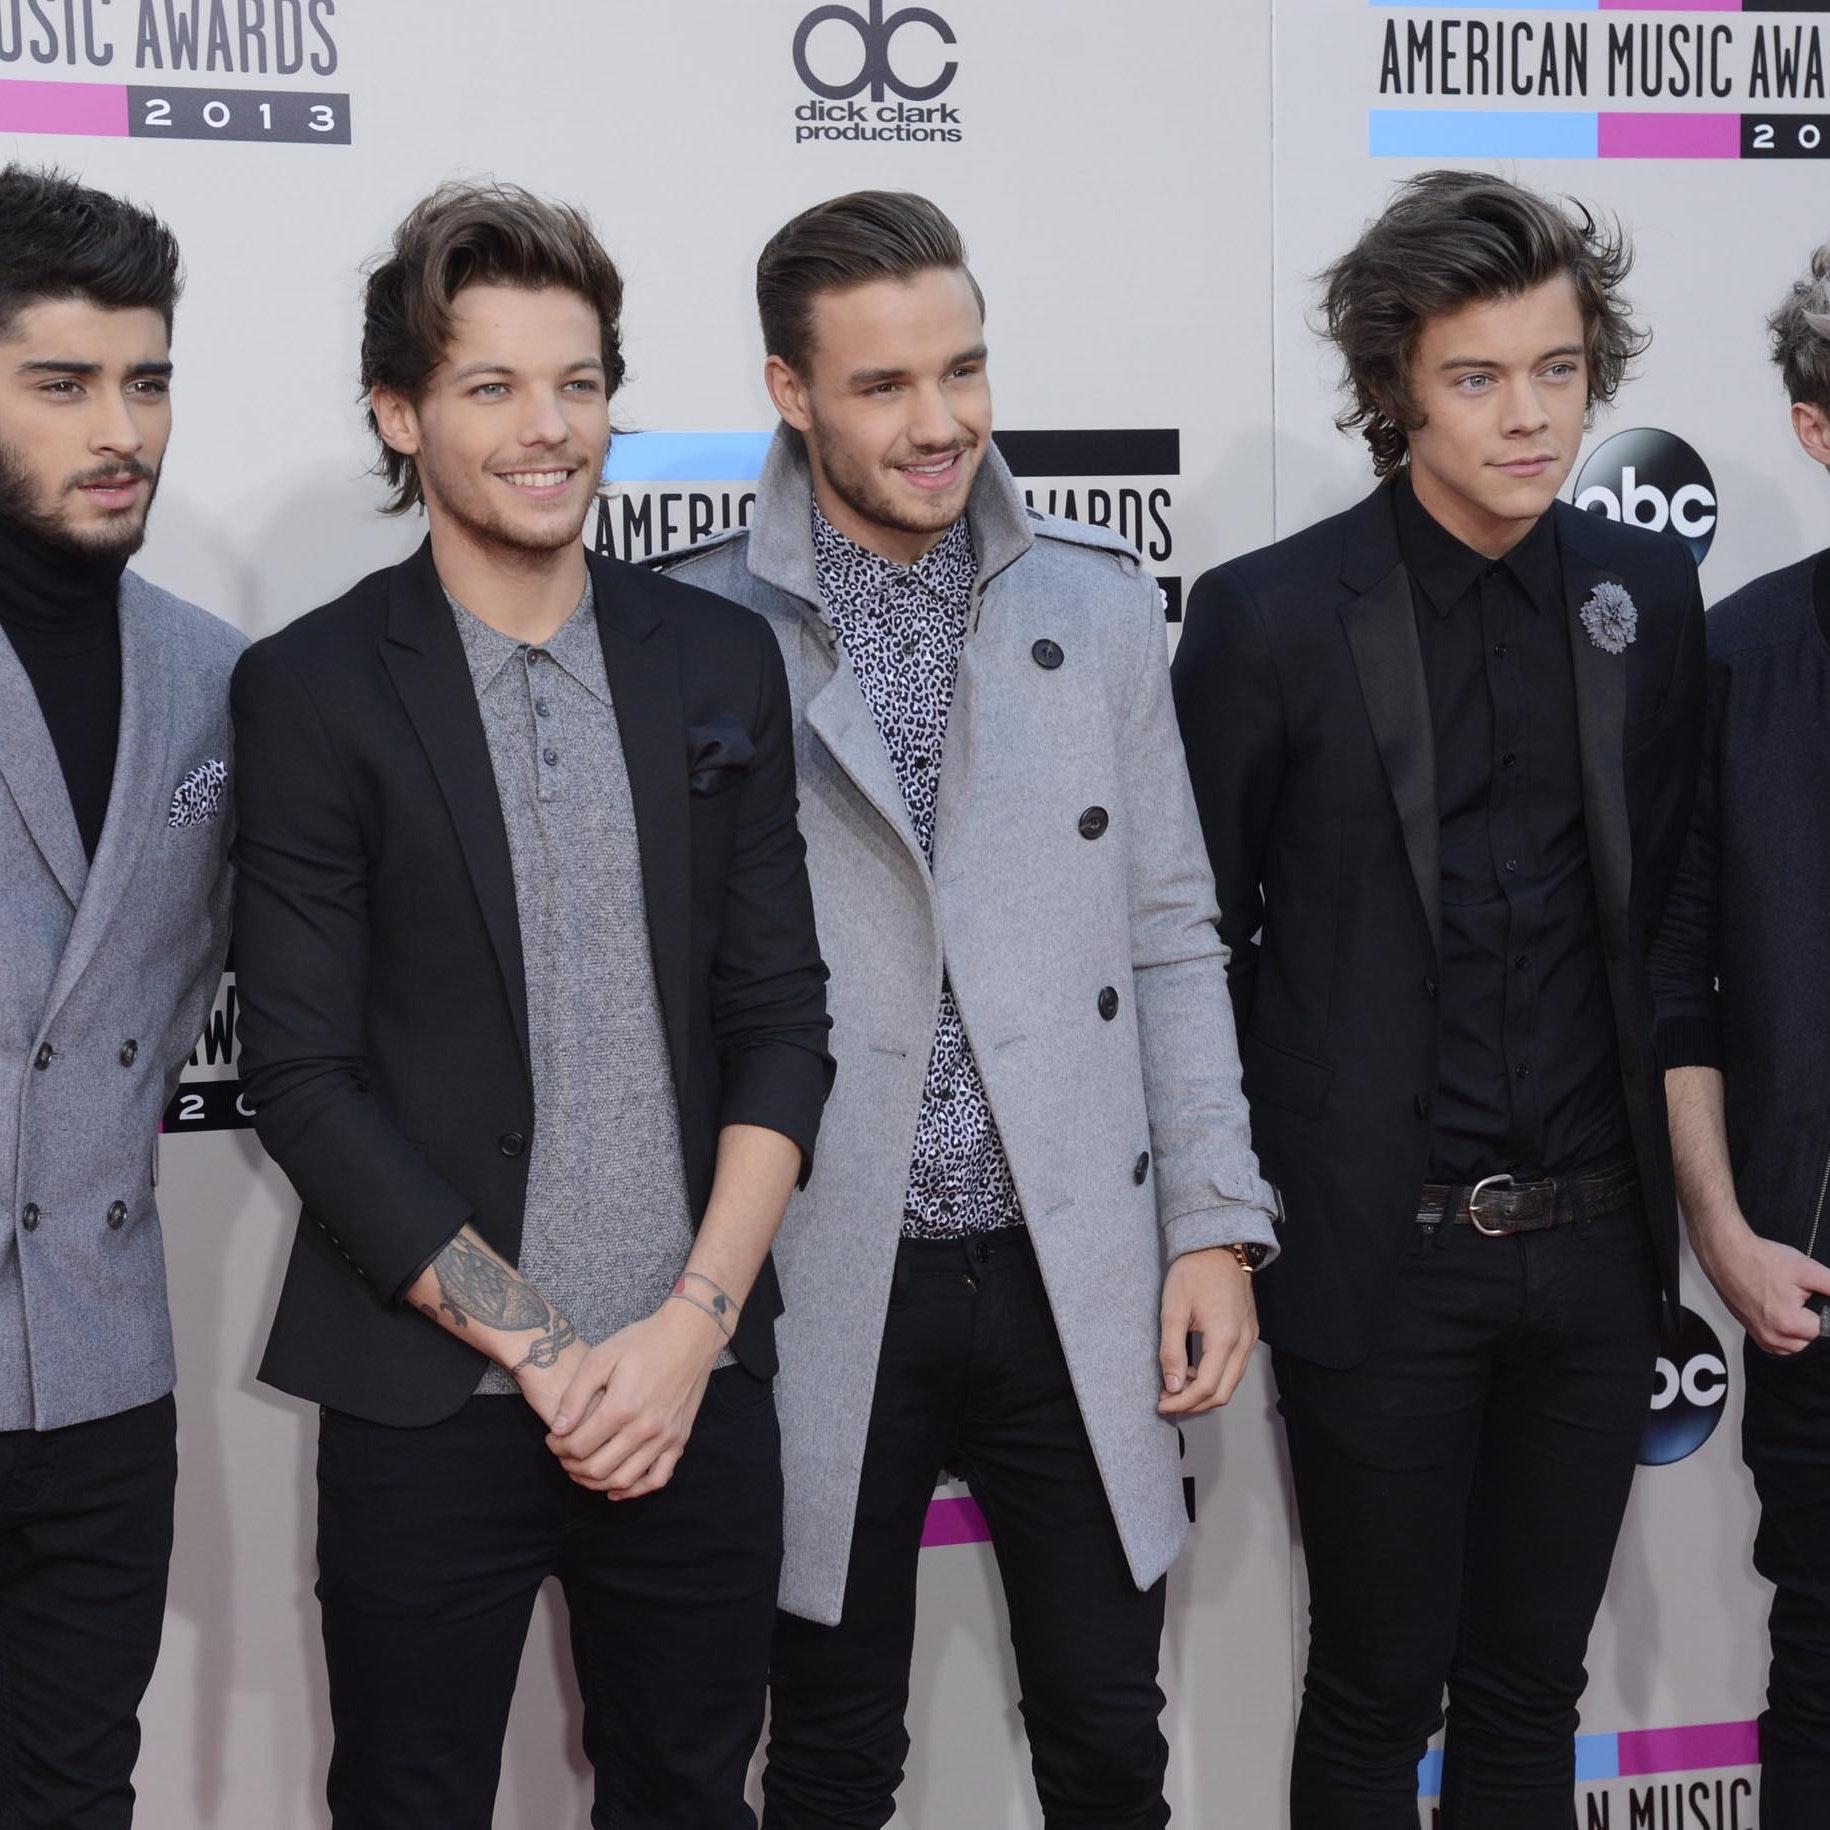 Denne One Direction-stjerne er klar til at kaste sig ud som skuespiller